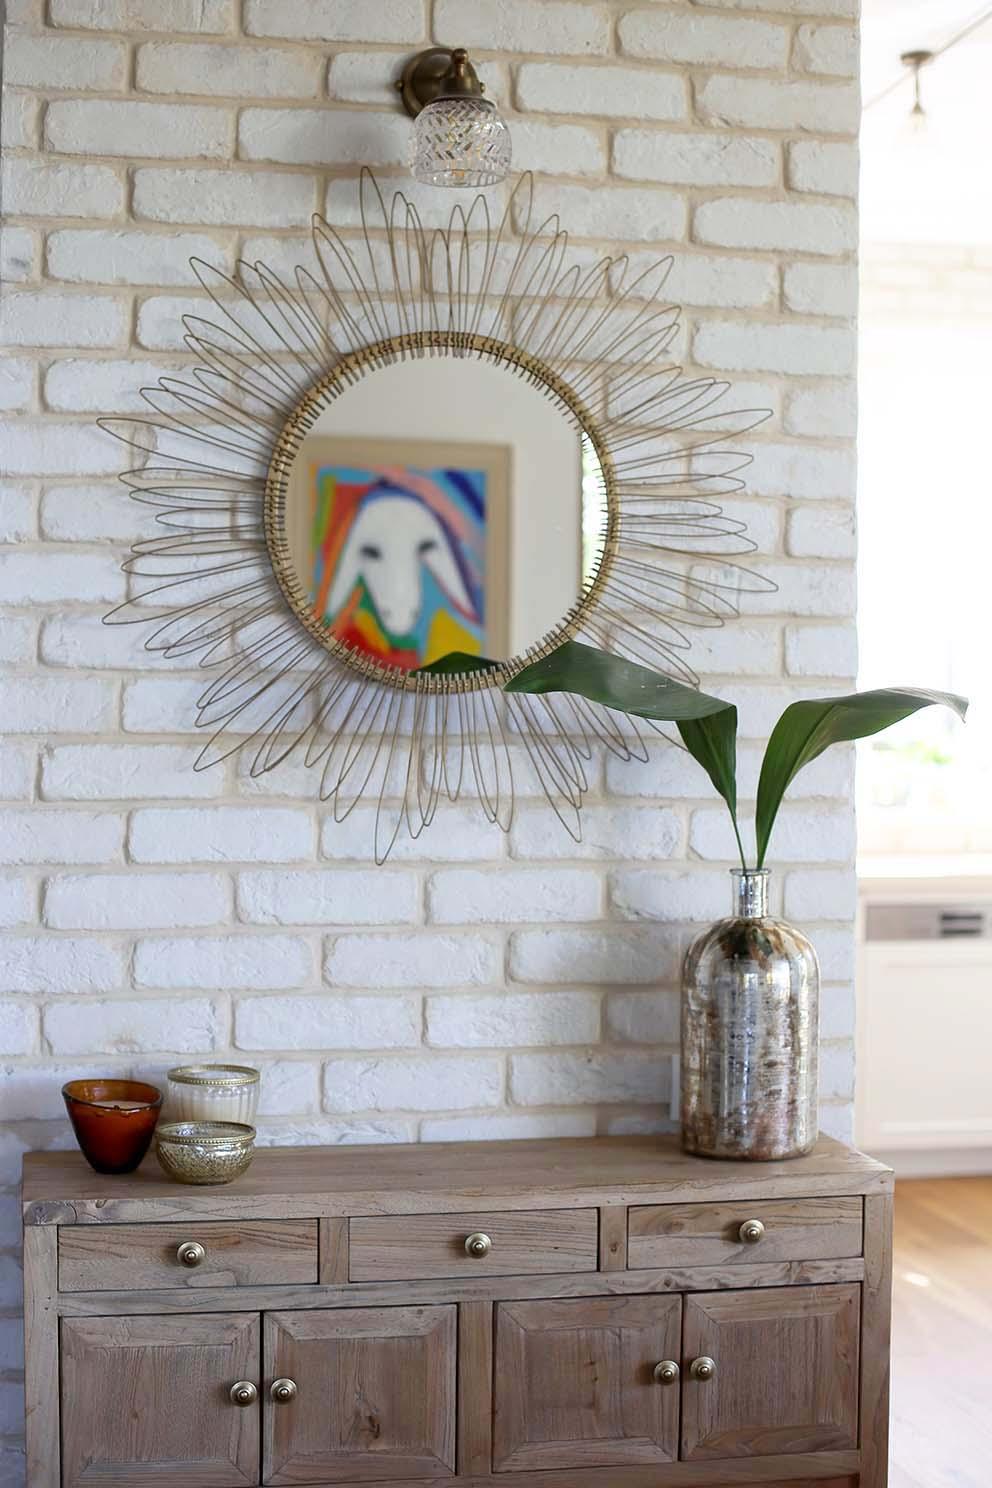 עיצוב: מירב חביב, צילום: חגית גרוסמן, www.pnim.co.il